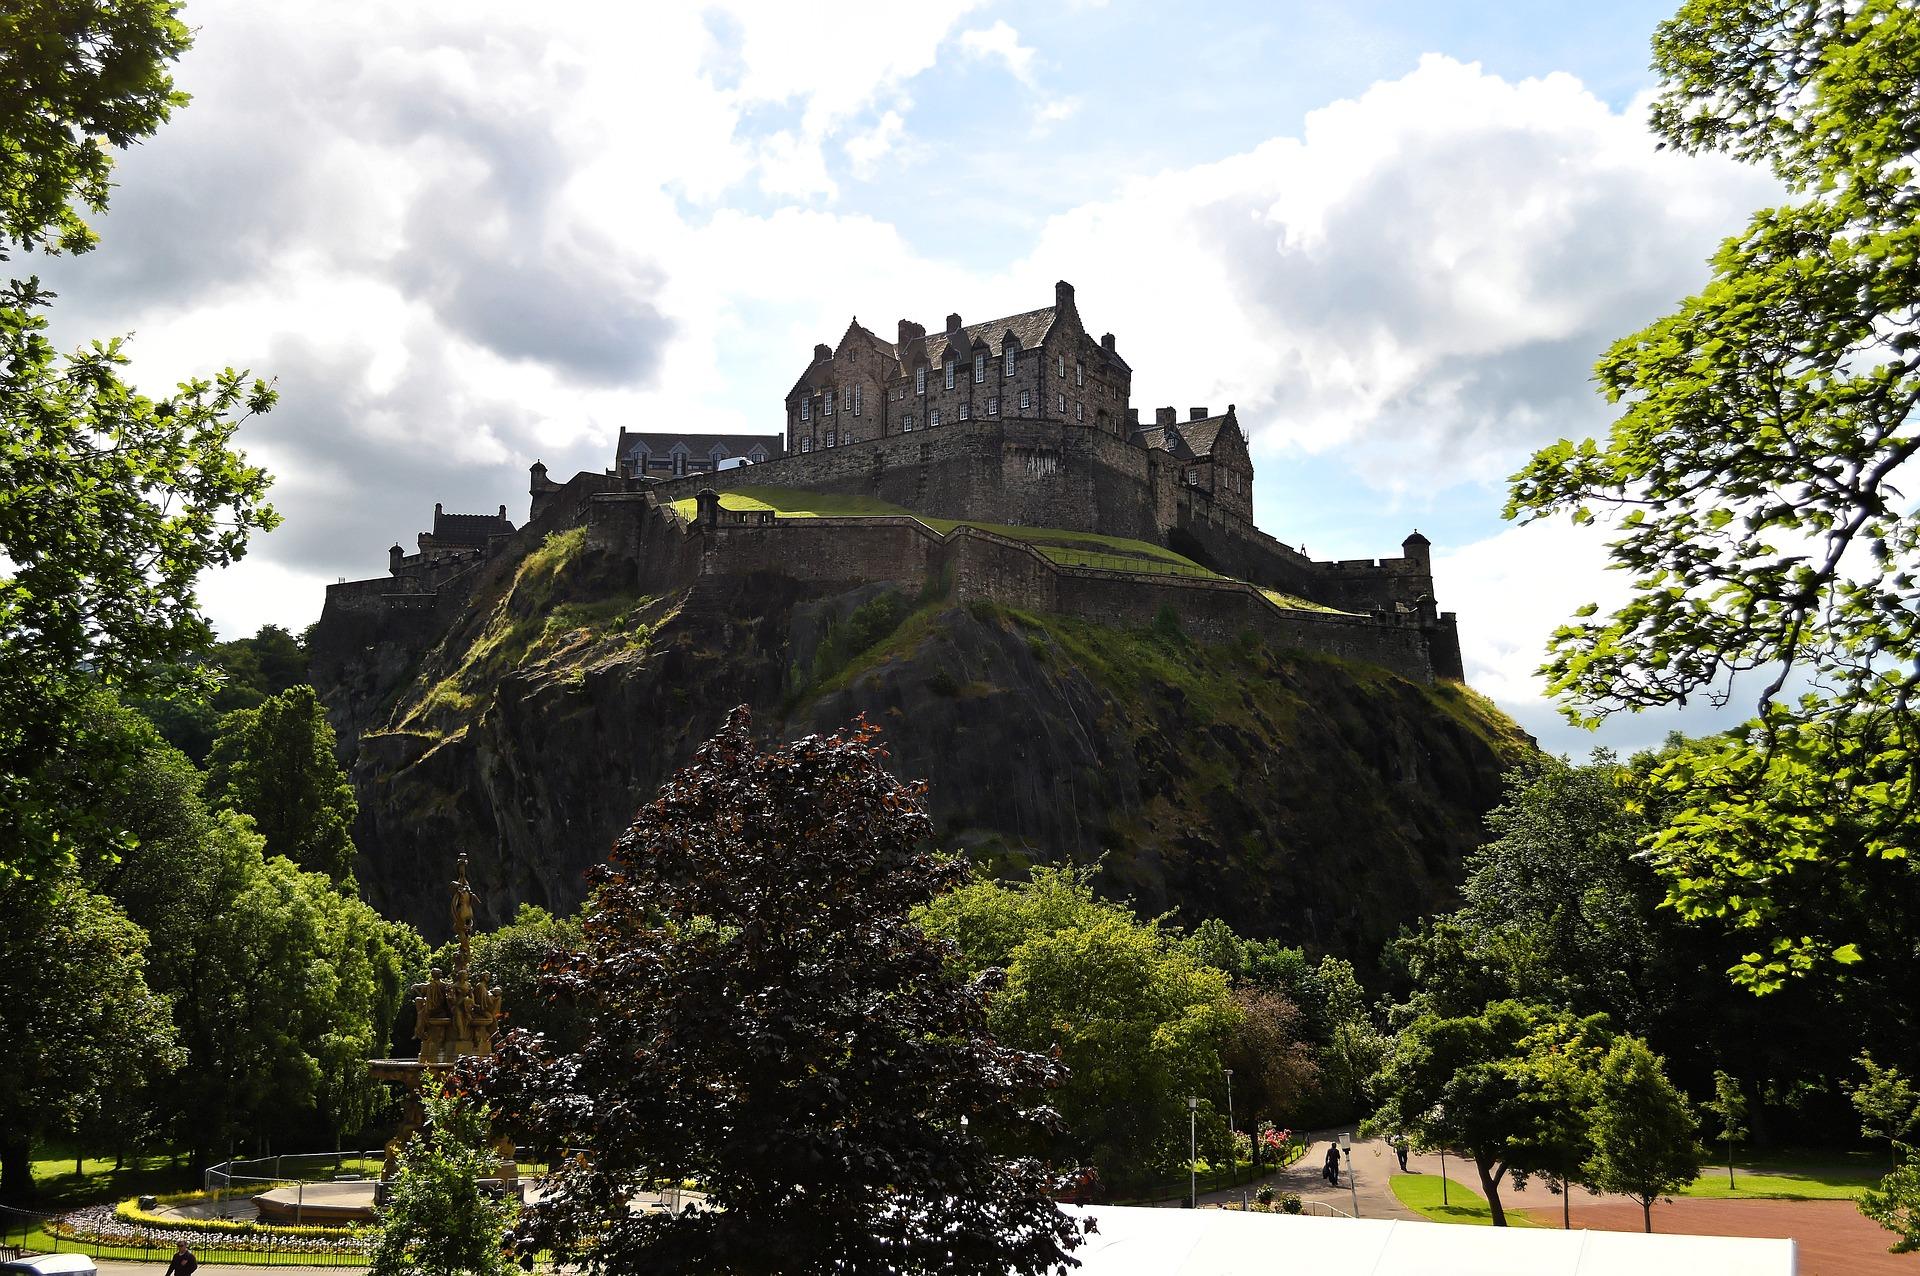 Vista do Castelo de Edimburgo, passeio perfeito para viagens em grupo